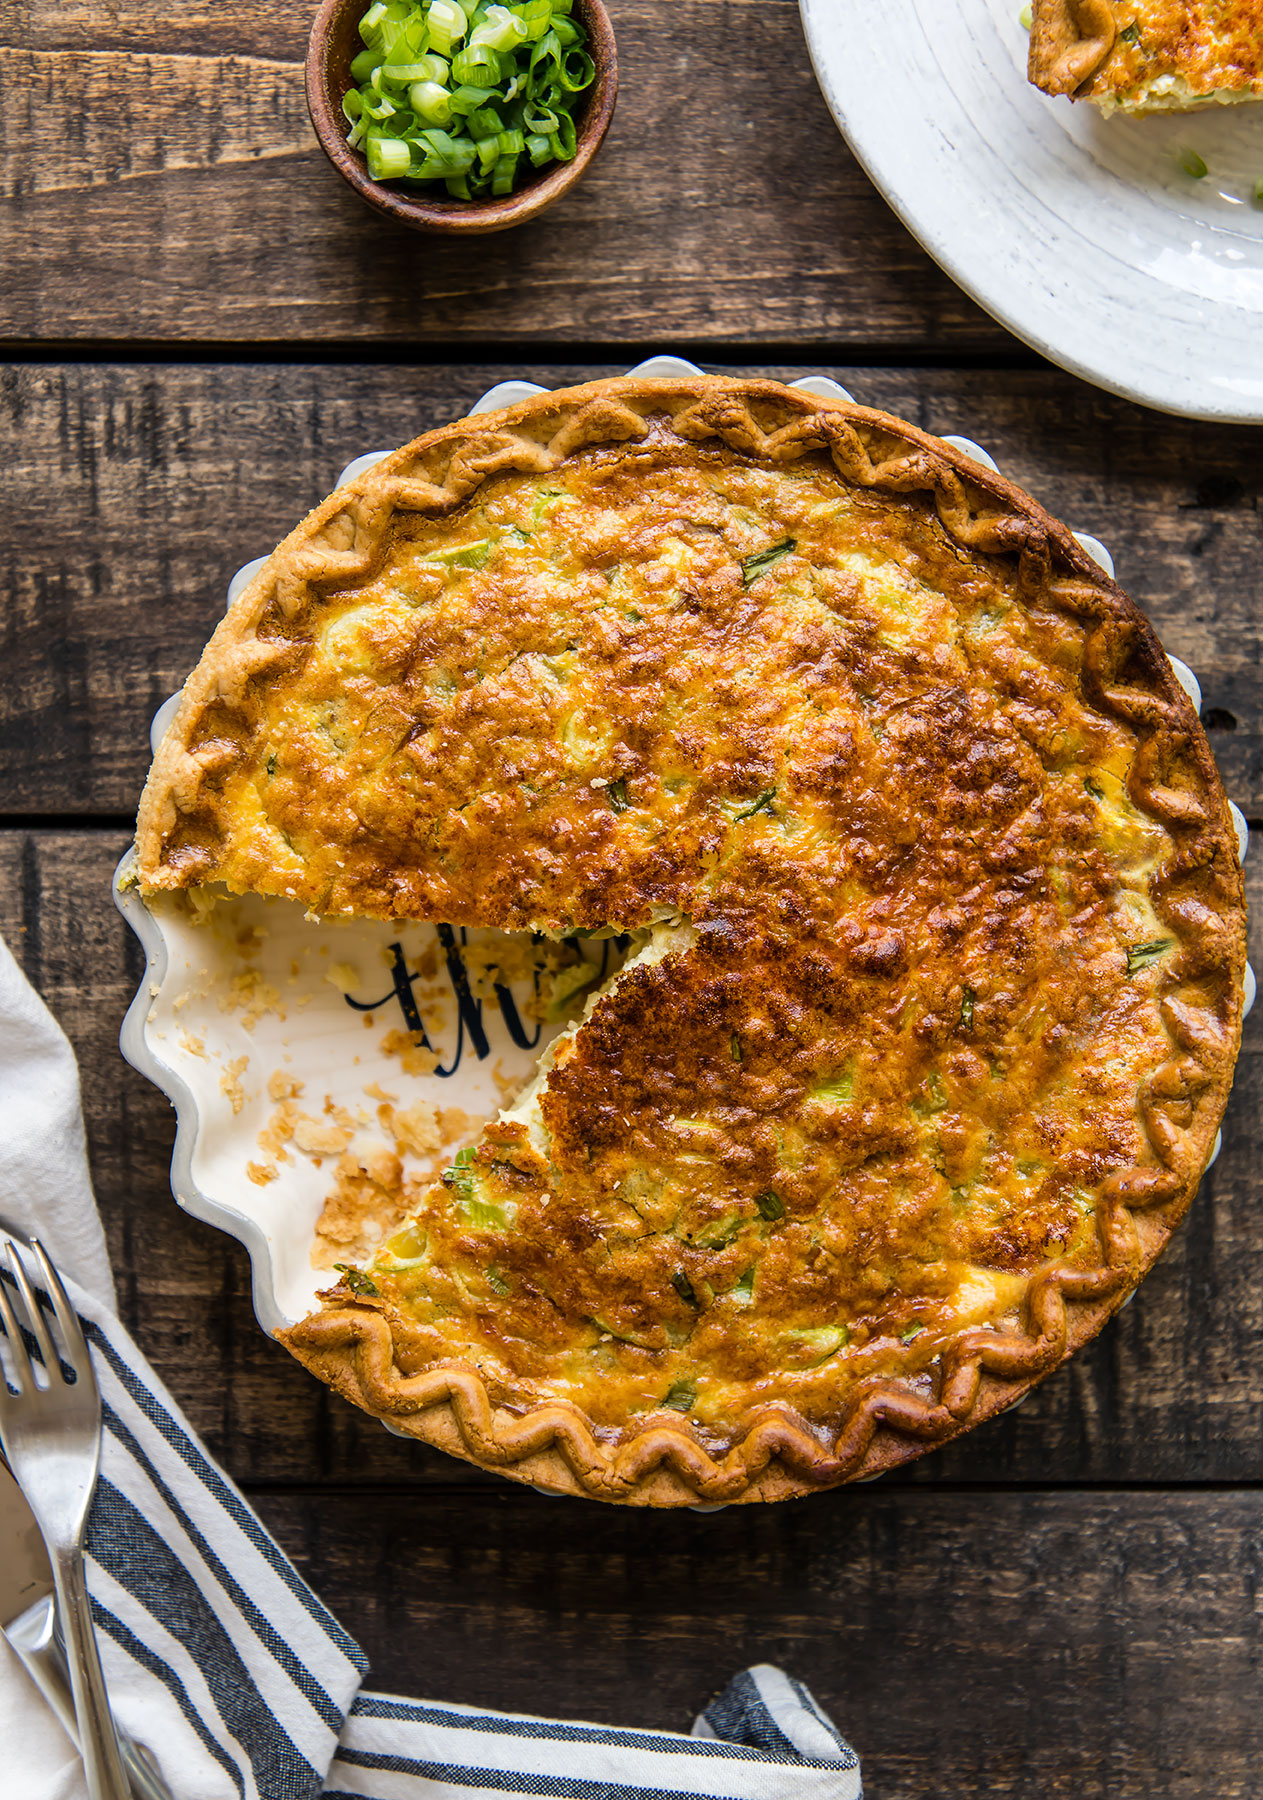 Green Chile & Cheese Quiche